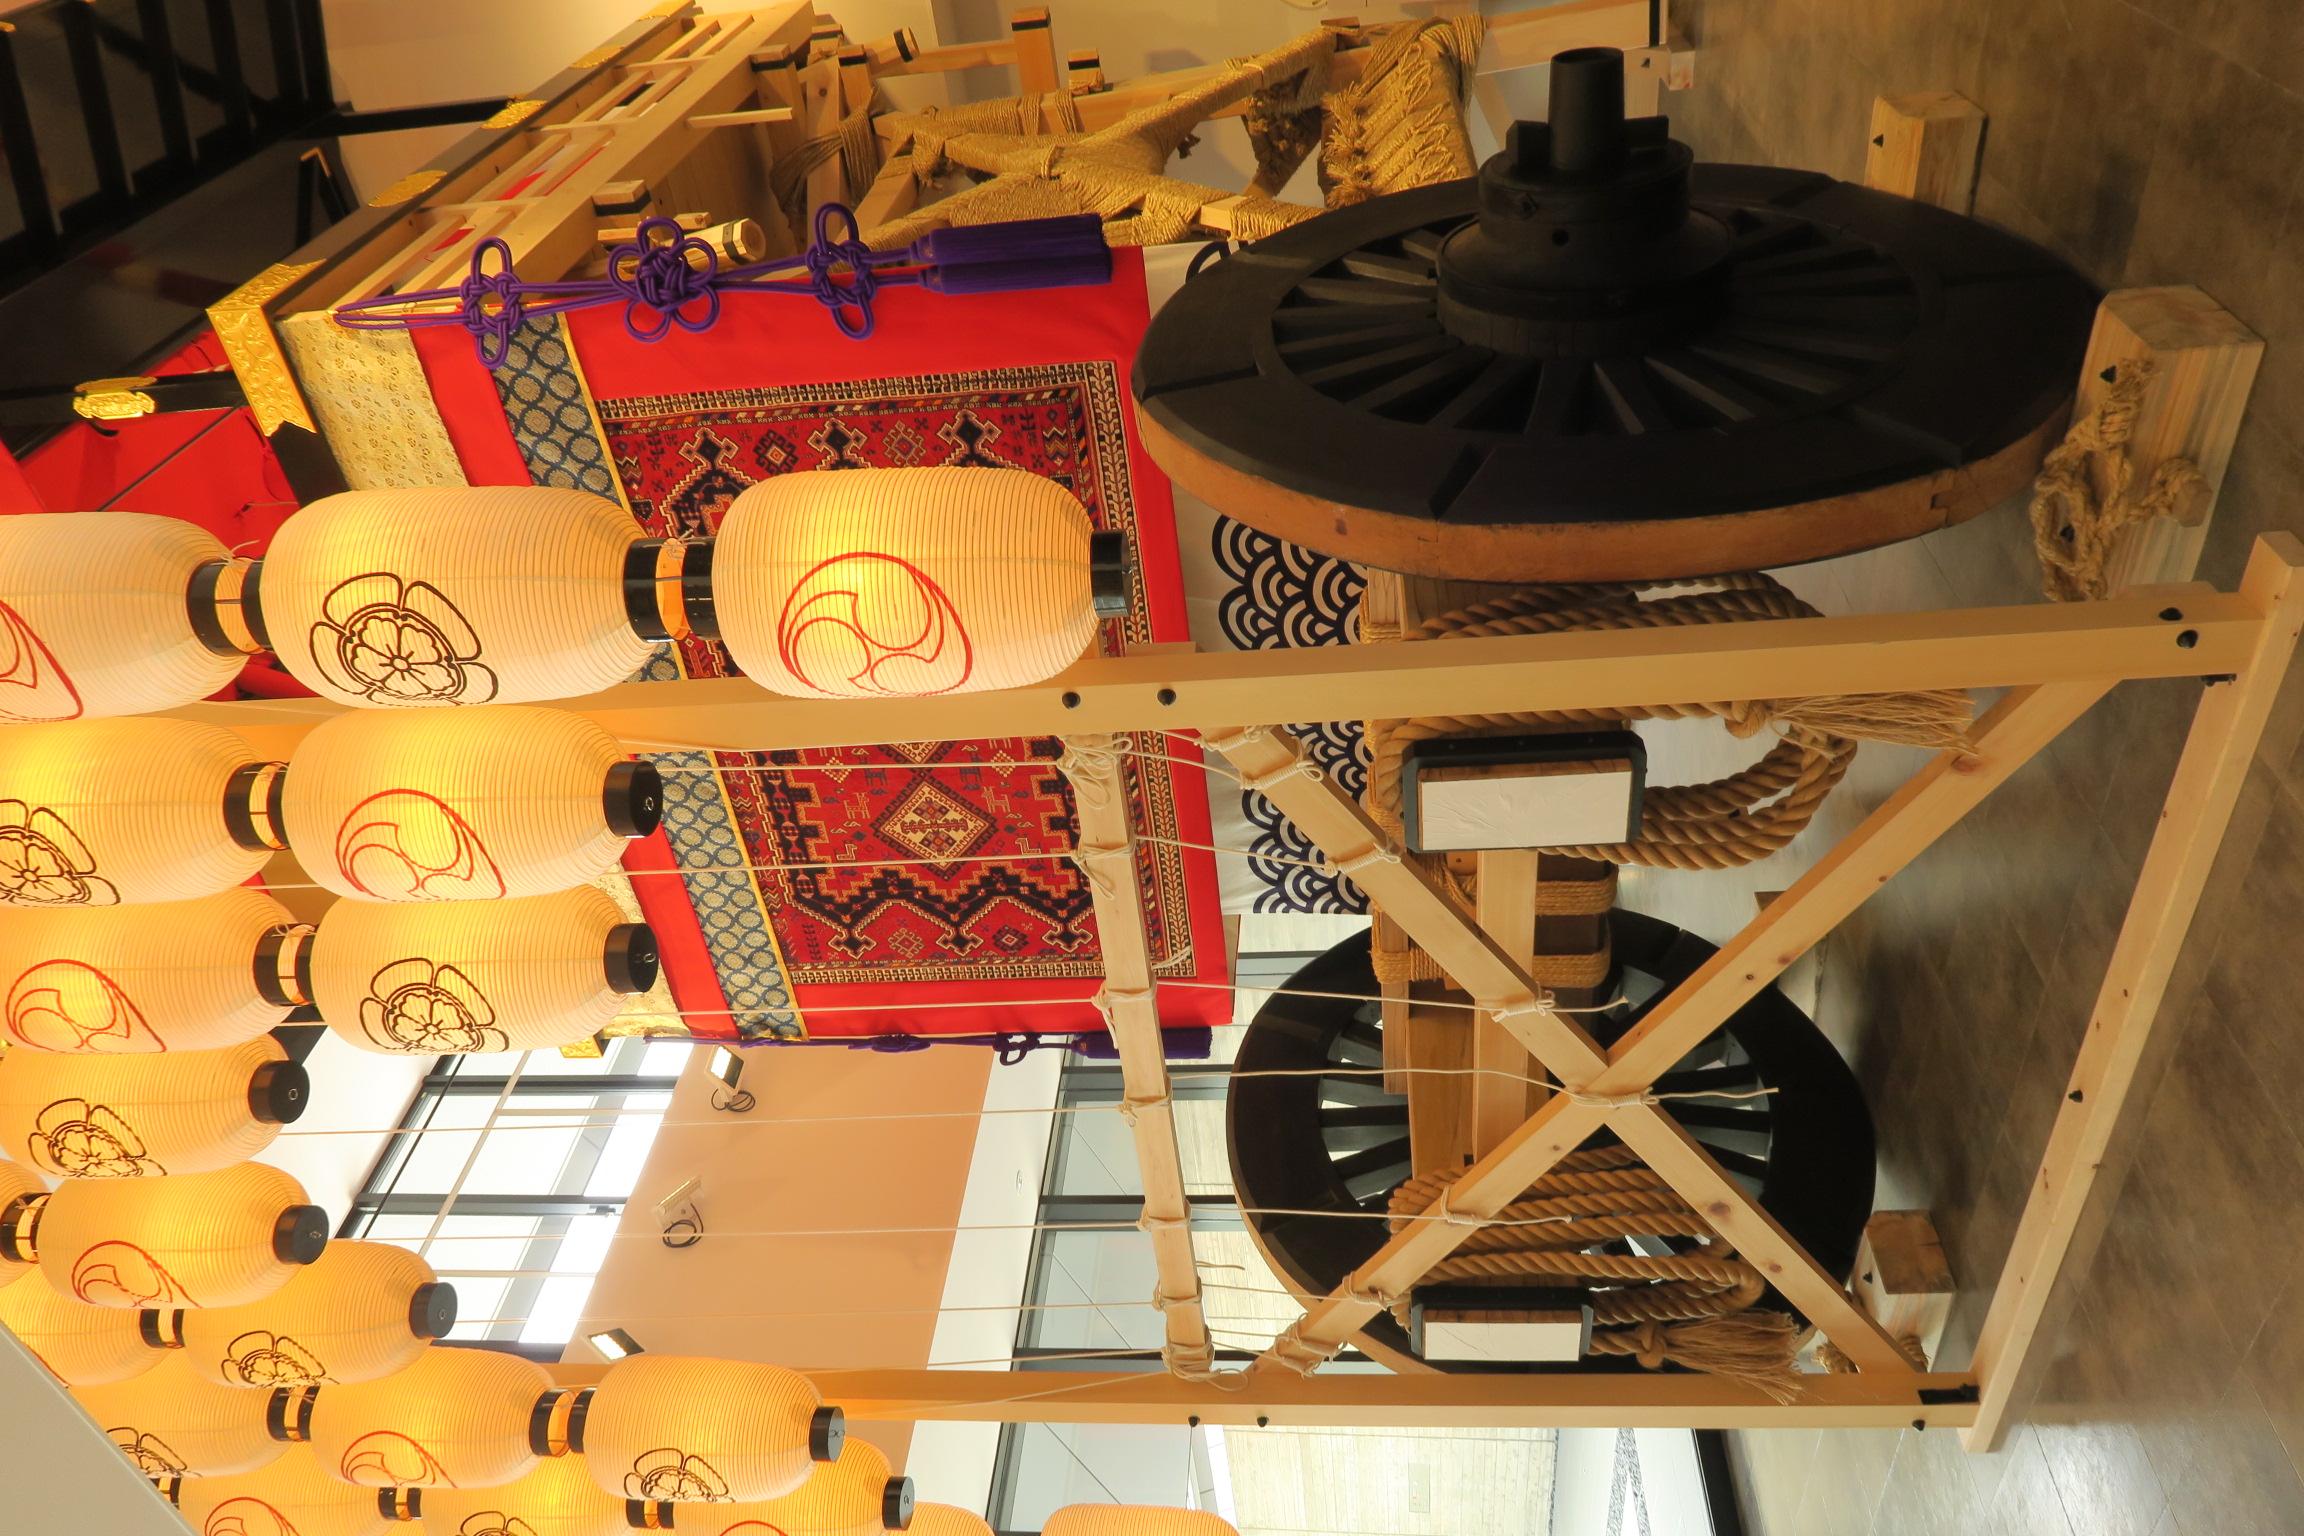 展示用の山鉾。京都に関連した写真集も売れれていて楽しめました。